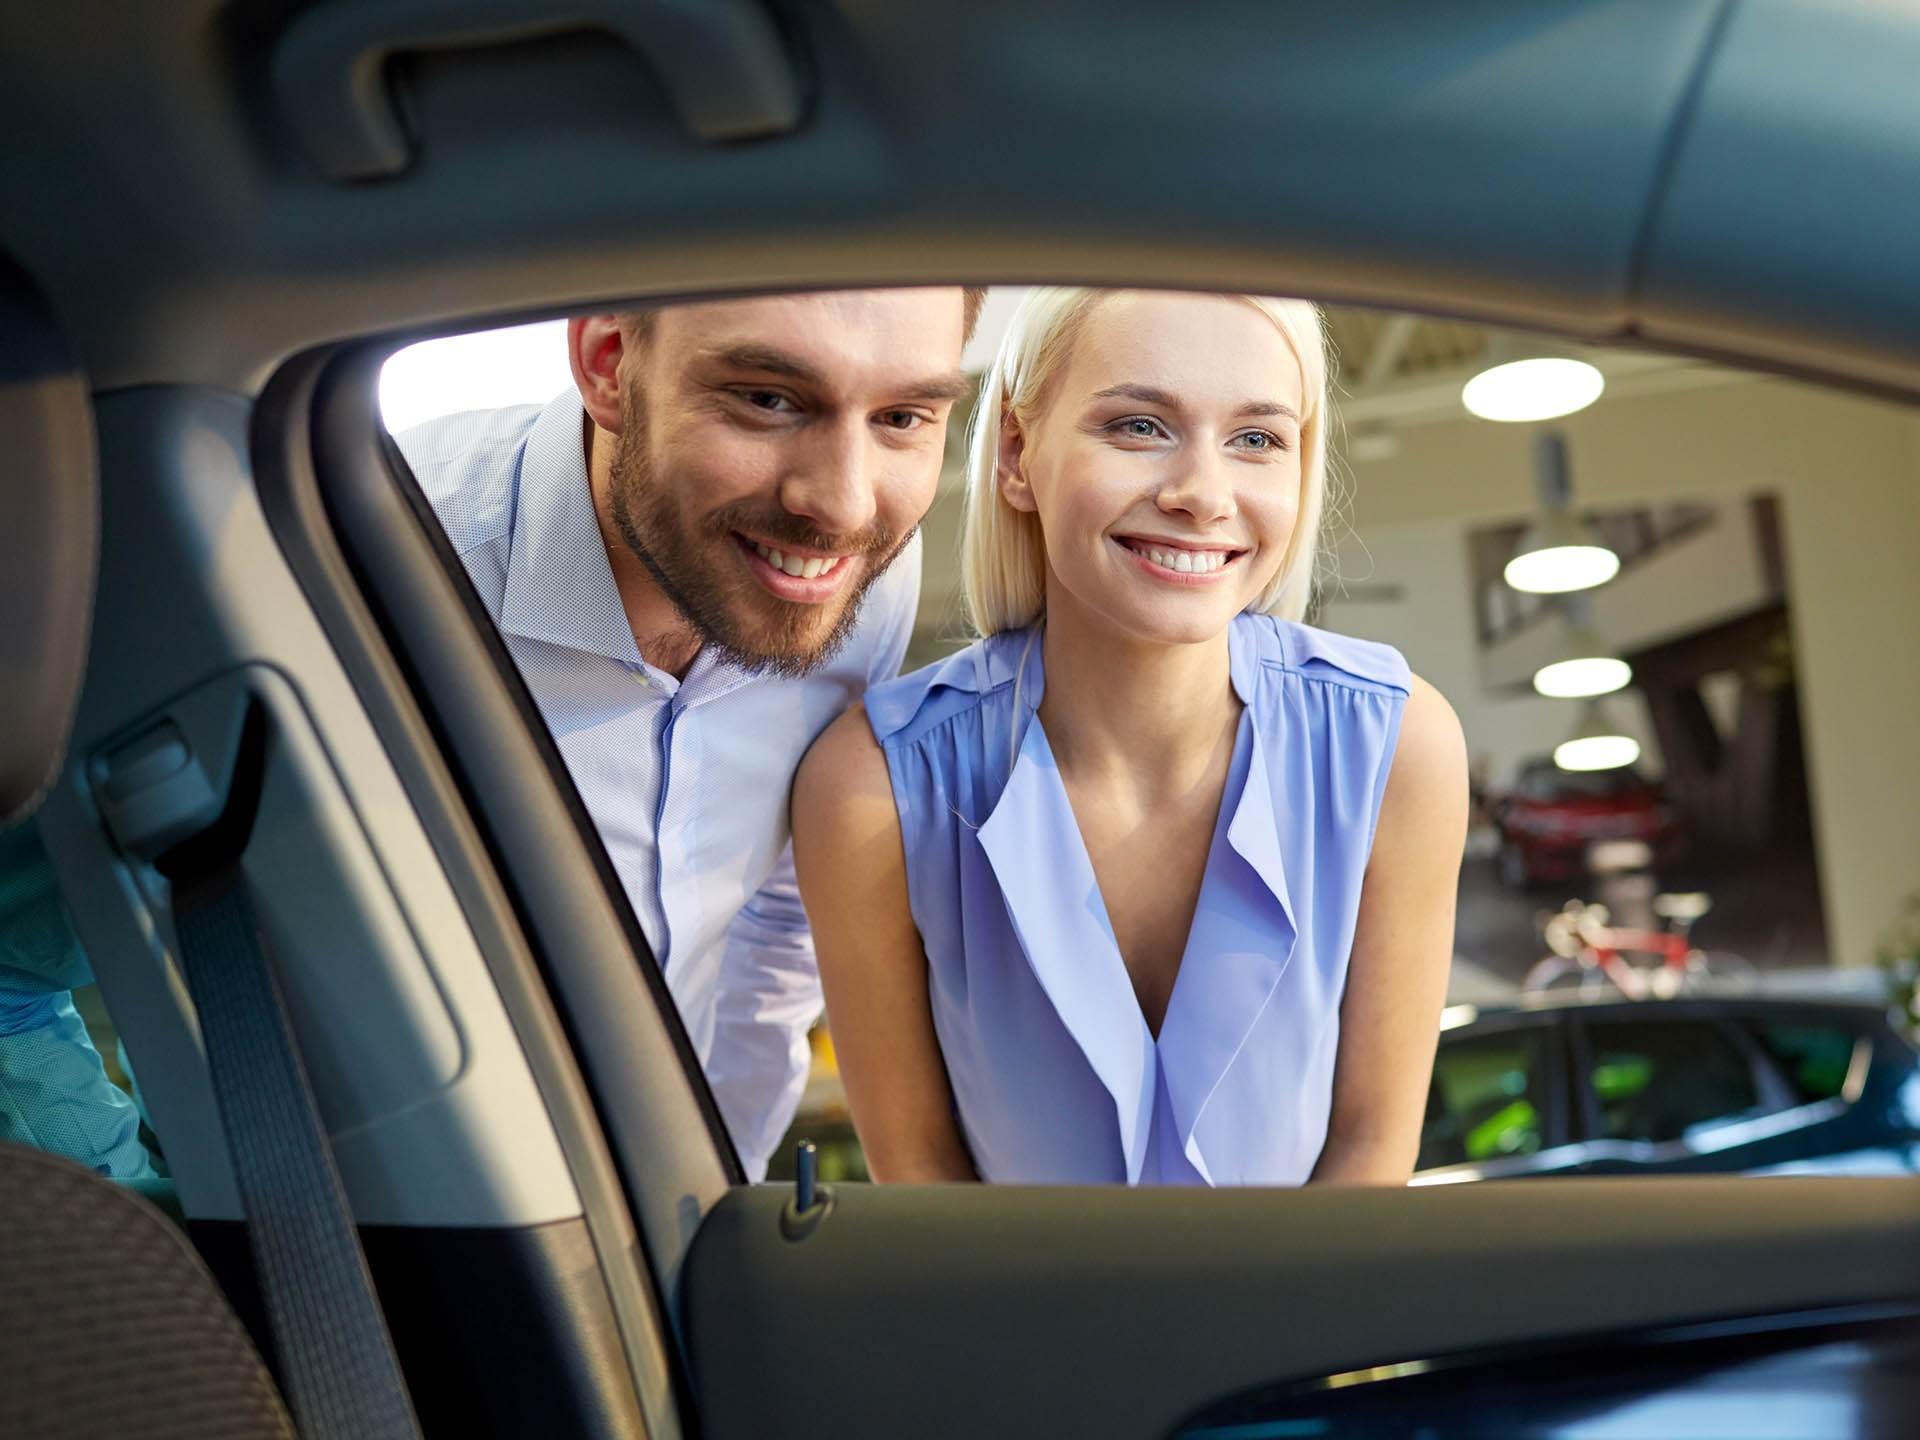 Эксперты Авито Авто подсчитали, сколько времени нужно россиянам, чтобы накопить на автомобиль